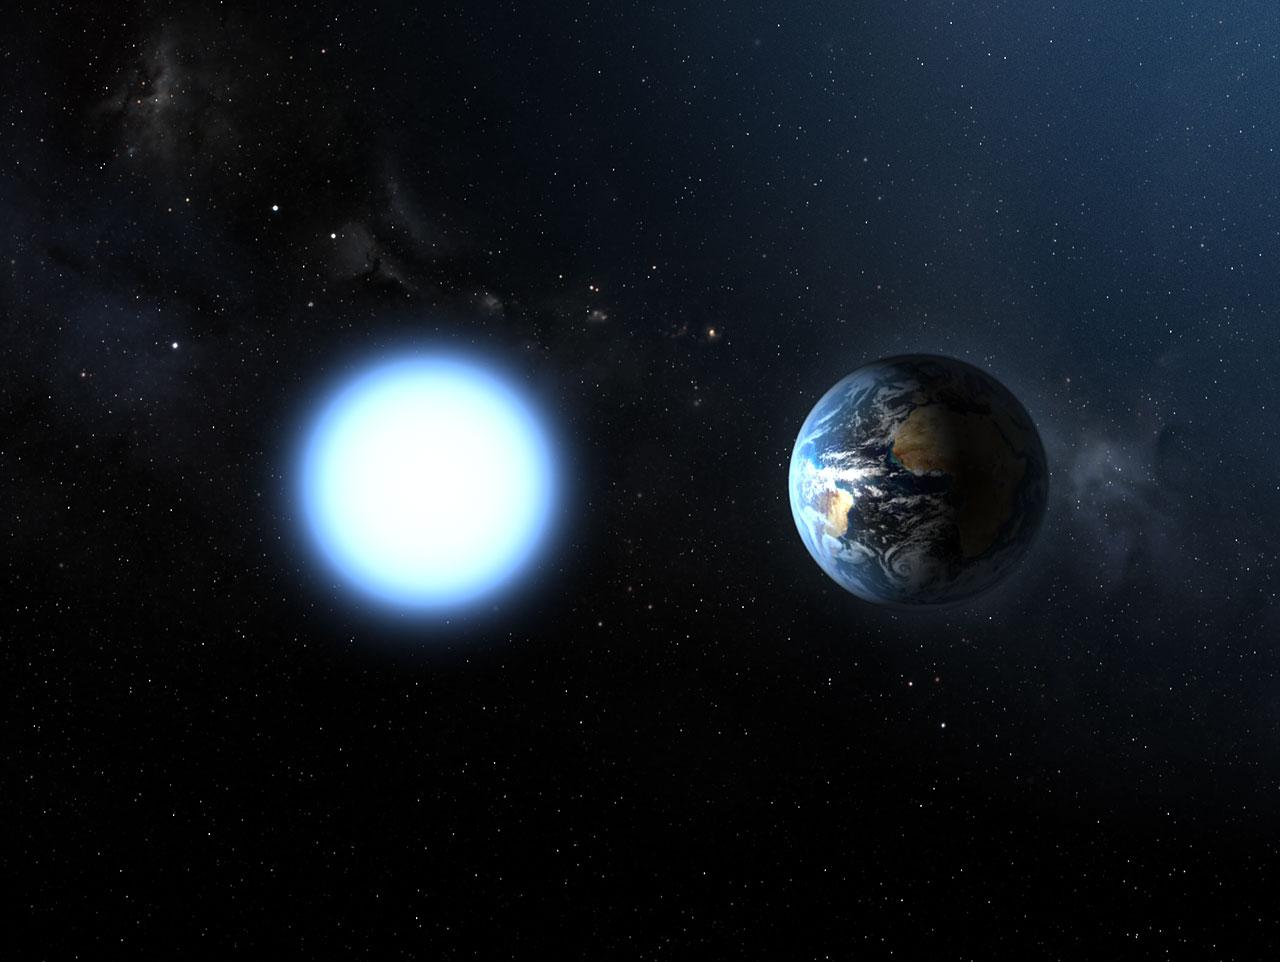 tsveta-zvezd-planet-trahnul-prostitutku